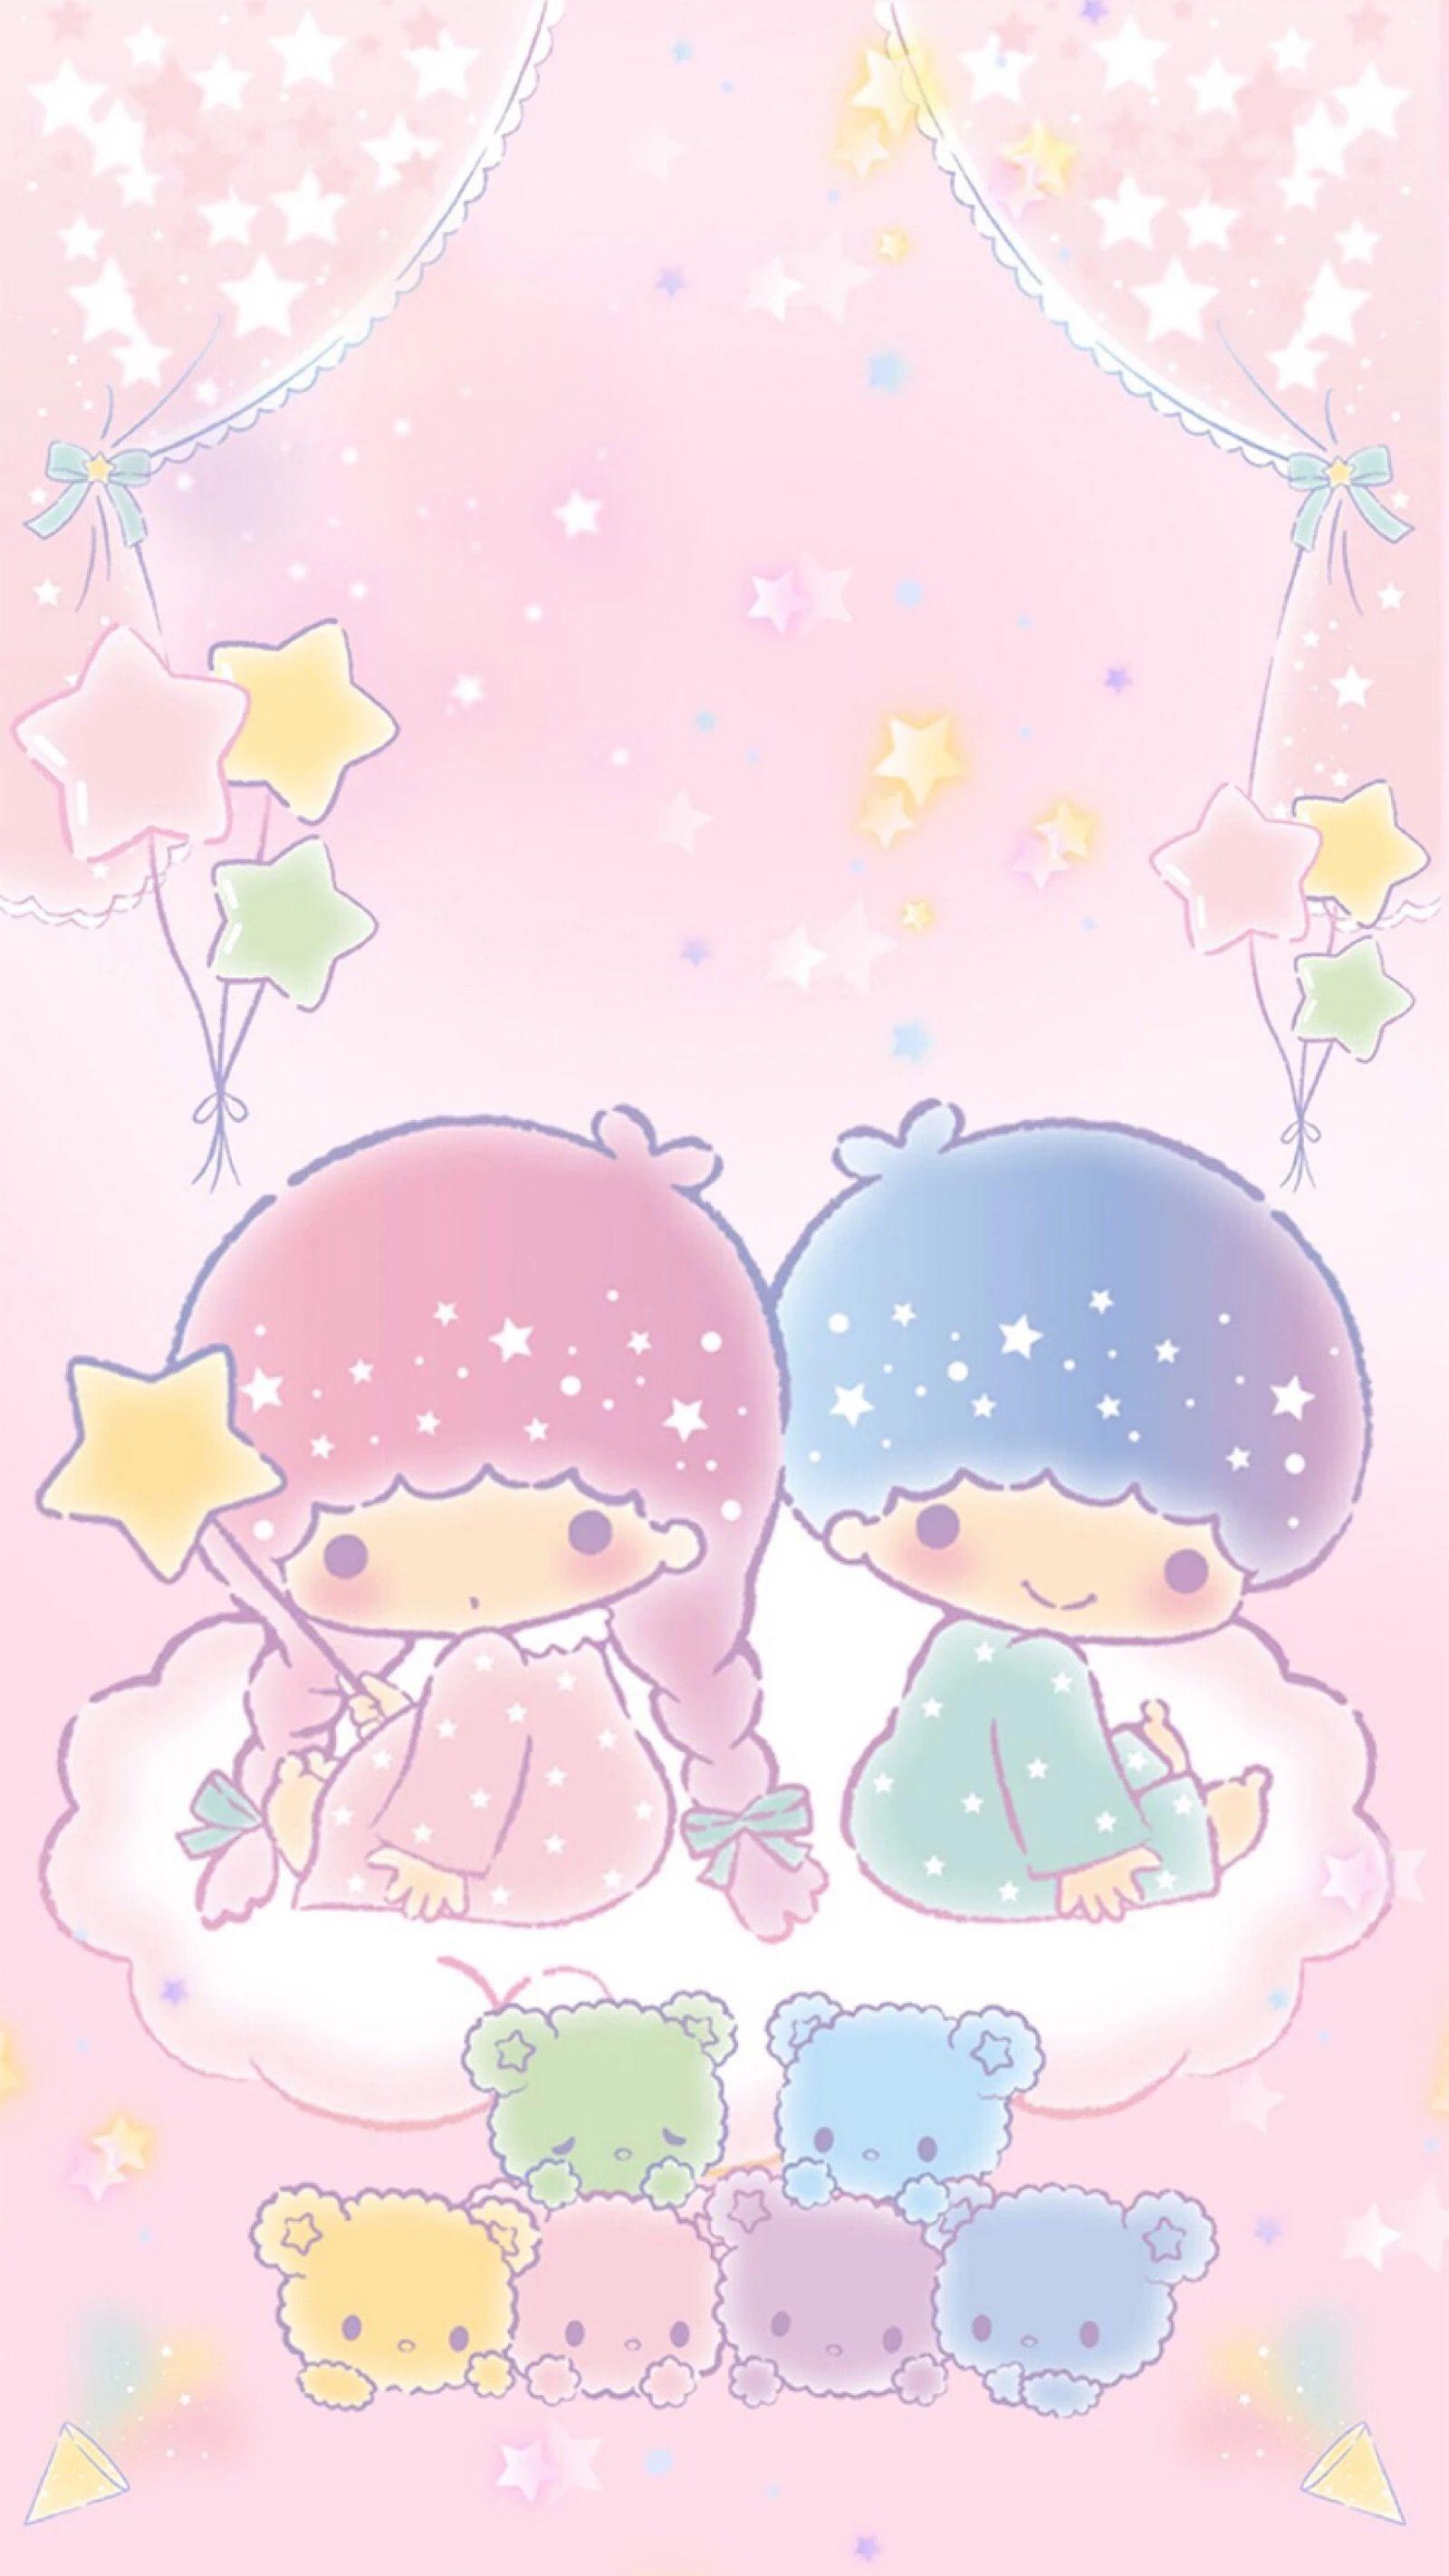 Little Twin Stars キキララ 壁紙 リトルツインスターズ 夢かわいい